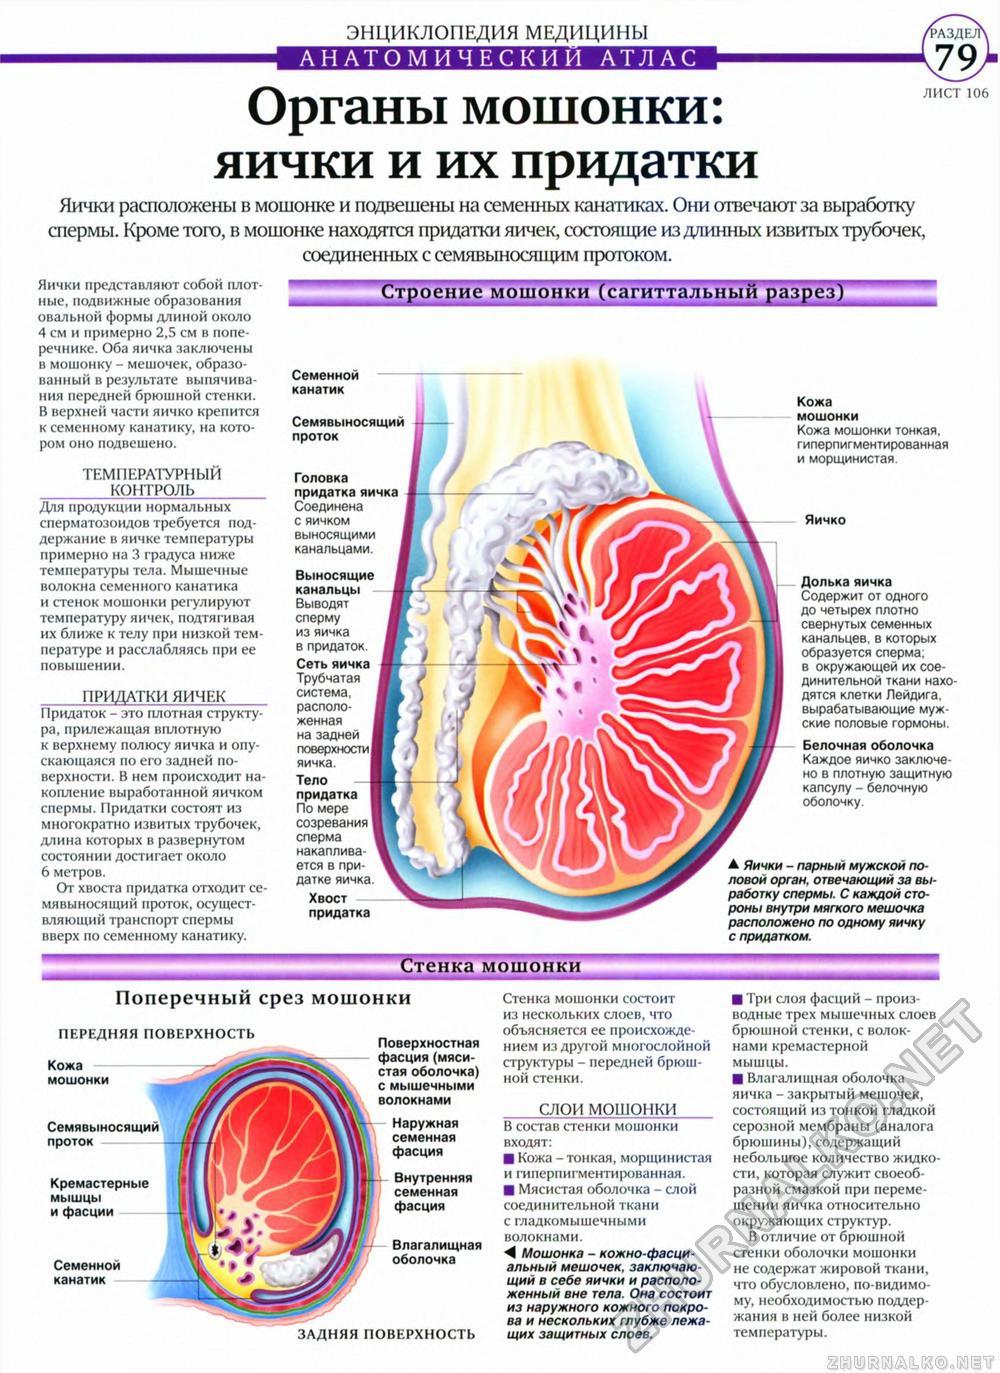 Перекрут яичка - симптомы болезни, профилактика и лечение 2